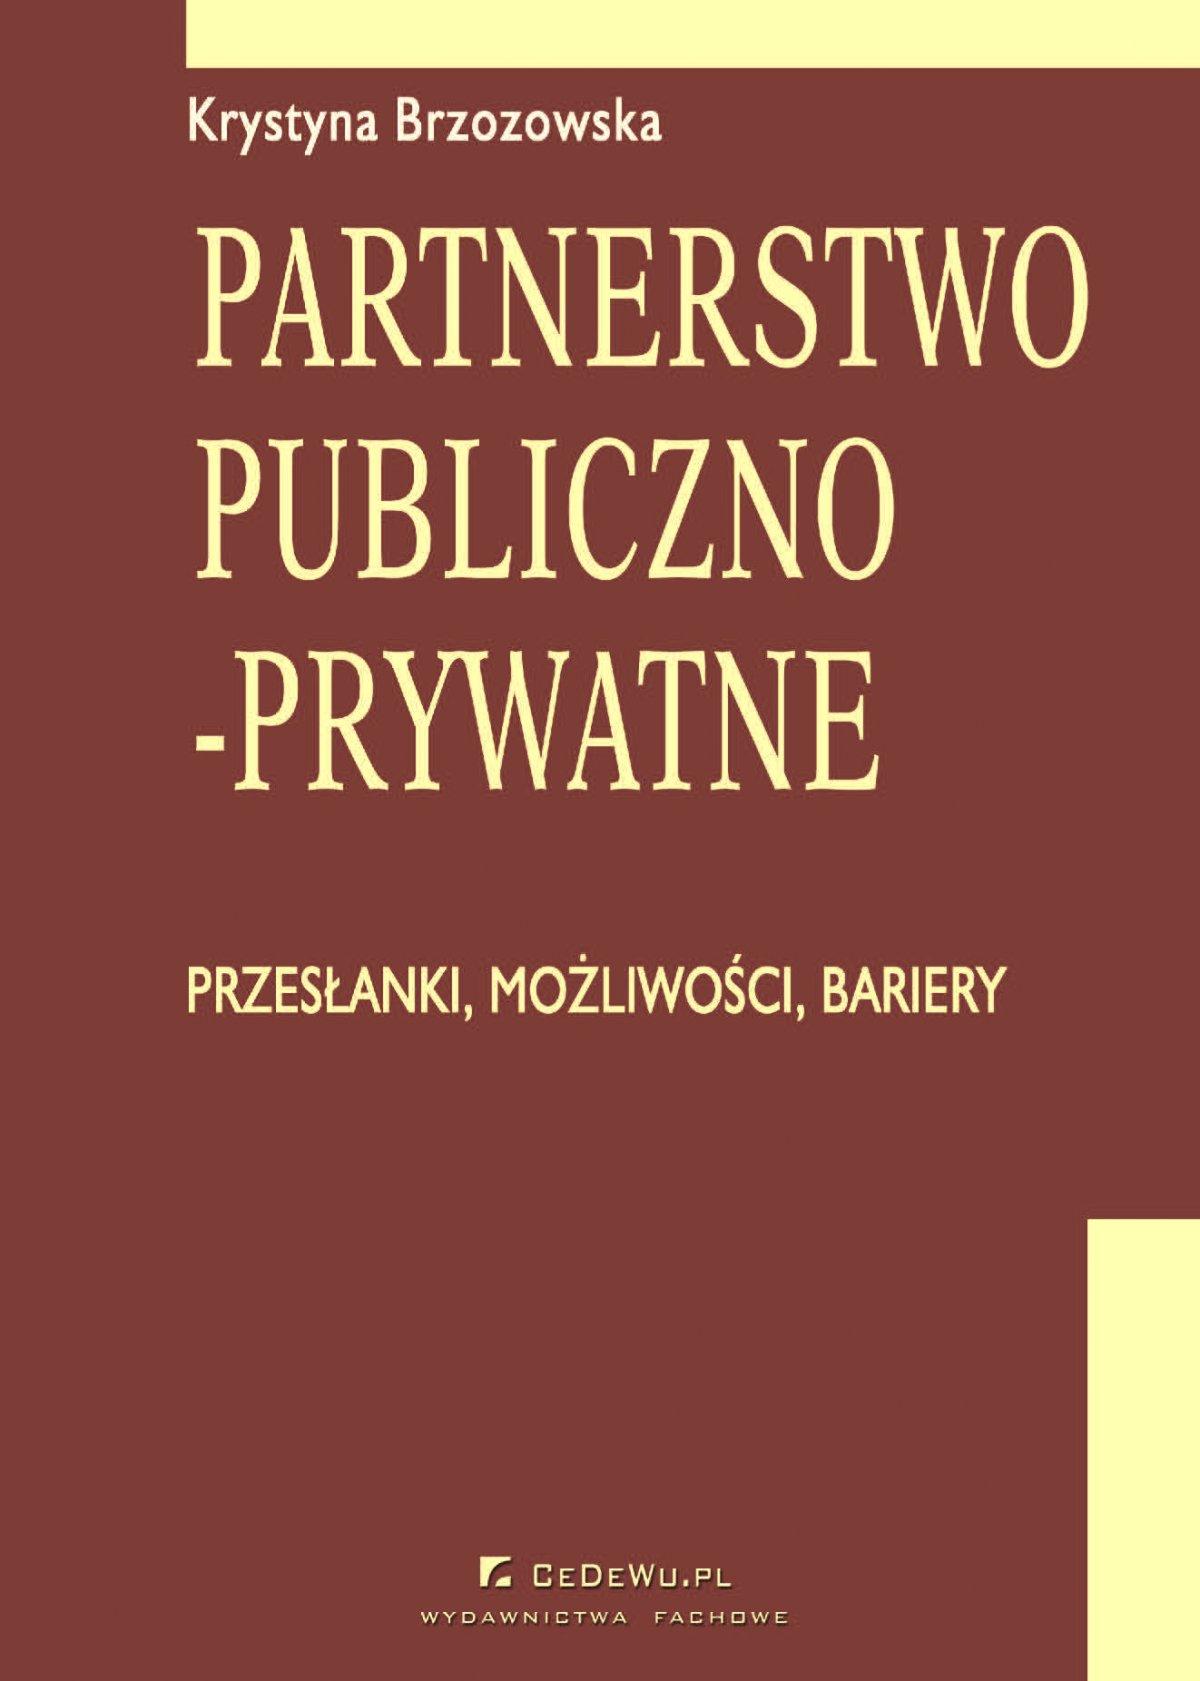 Partnerstwo publiczno-prywatne. Przesłanki, możliwości, bariery. Rozdział 4. Specyfika publicznych inwestycji infrastrukturalnych - Ebook (Książka PDF) do pobrania w formacie PDF